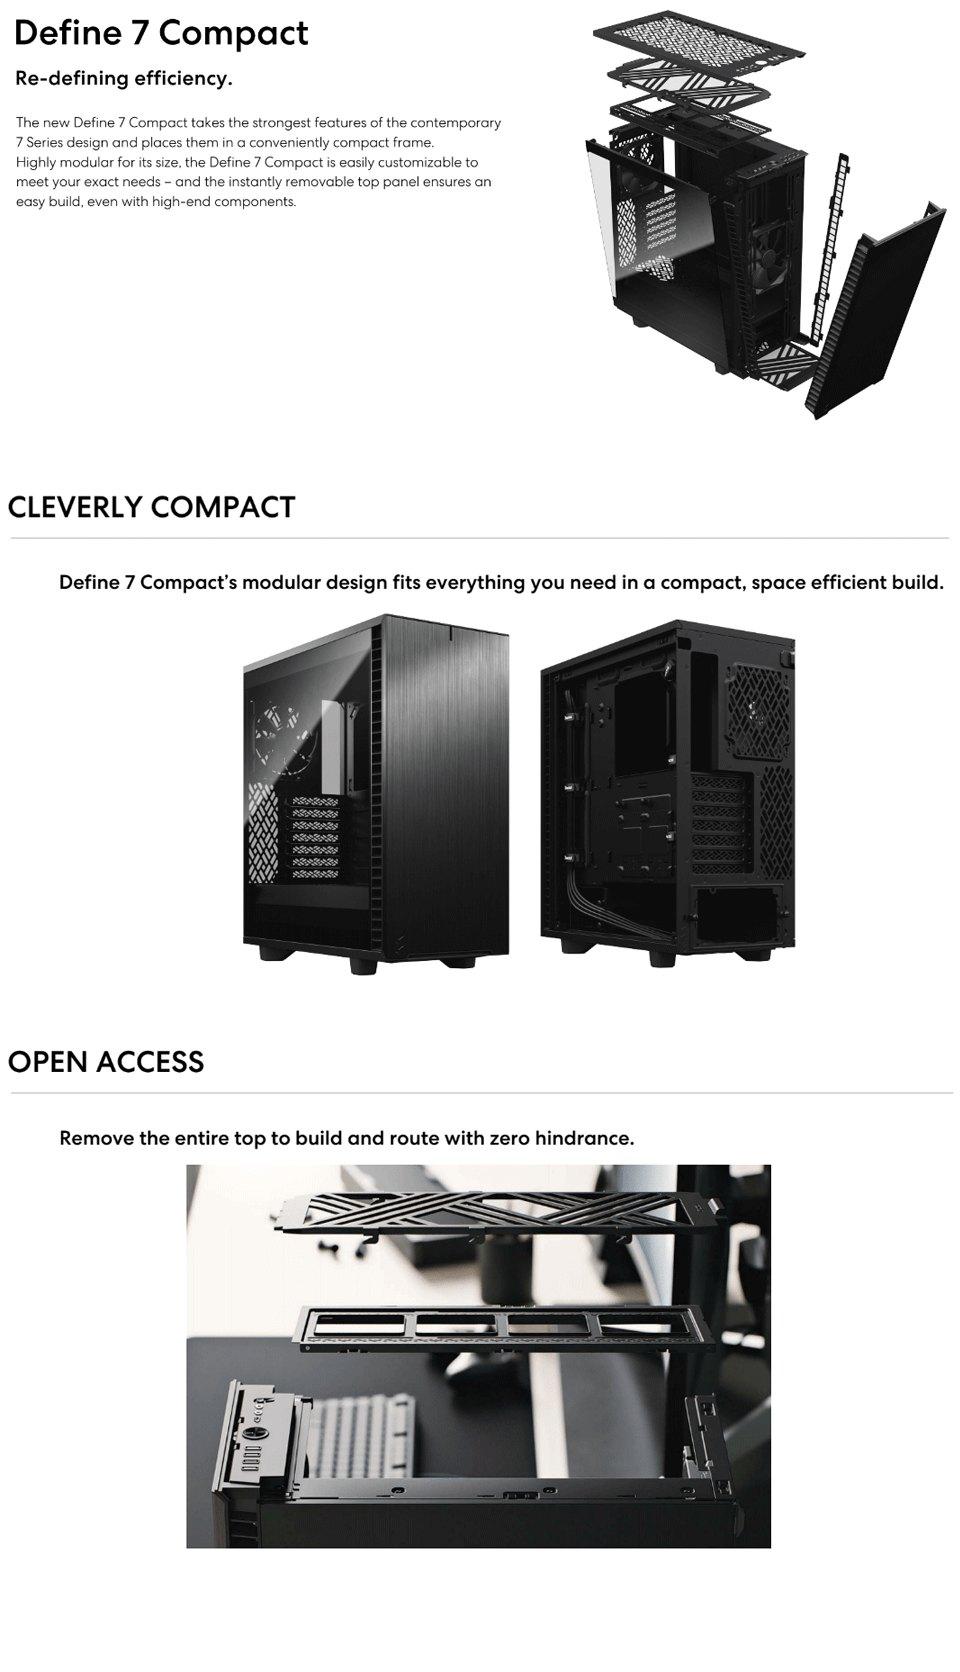 Fractal Design Define 7 Compact features